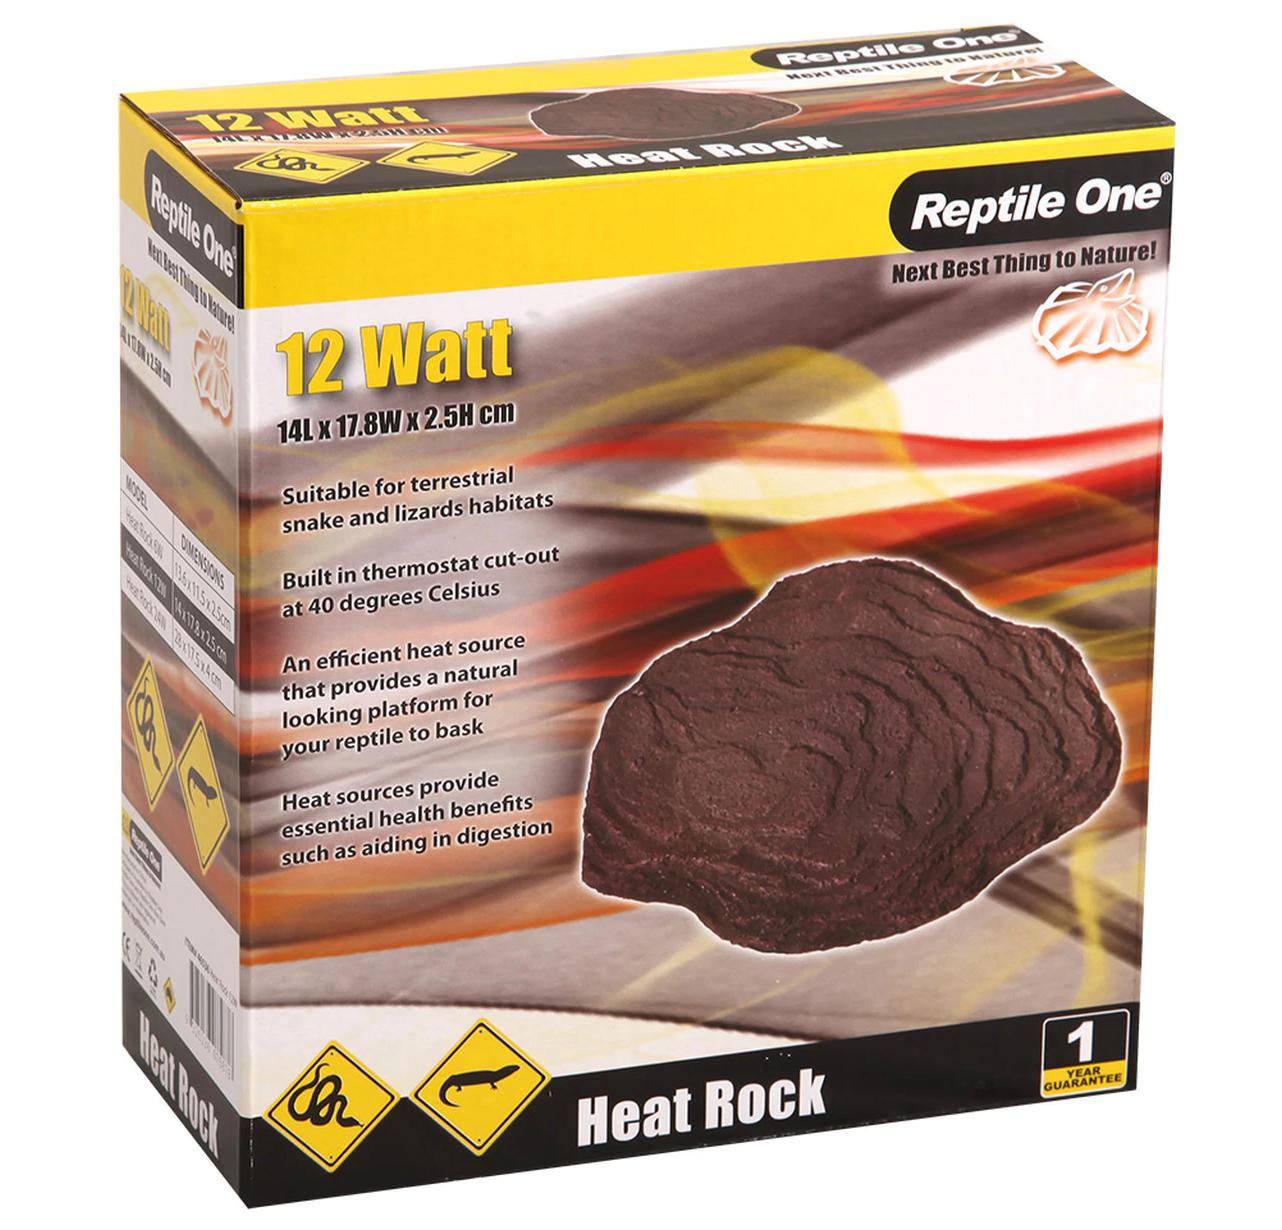 Heat Rock